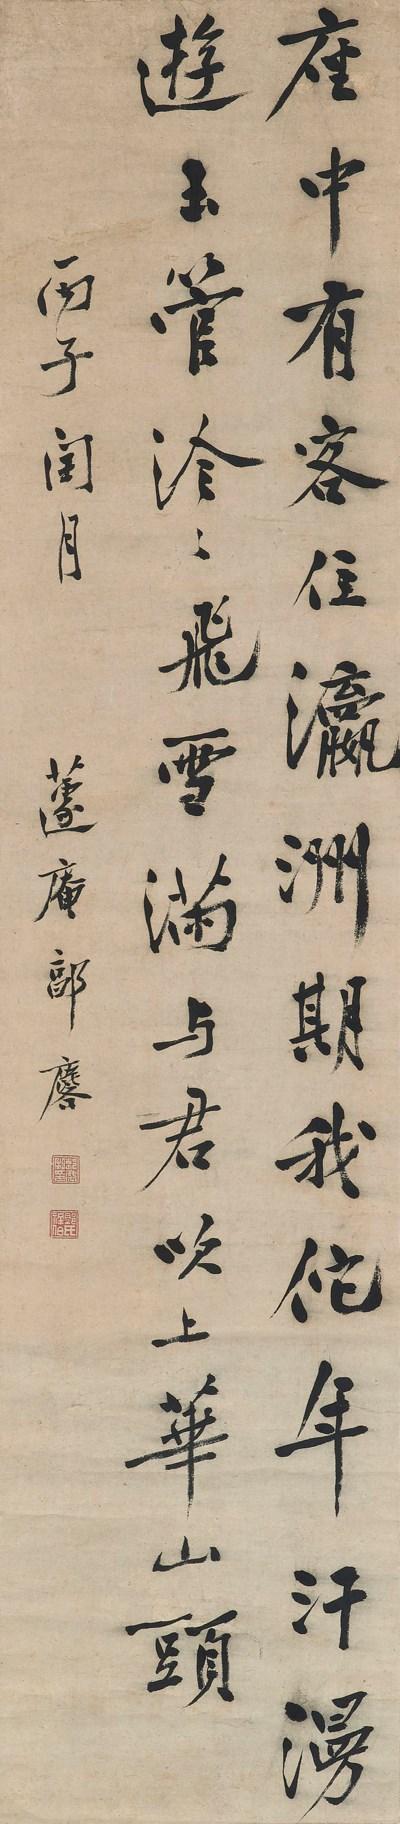 GUO LIN (1767-1831)